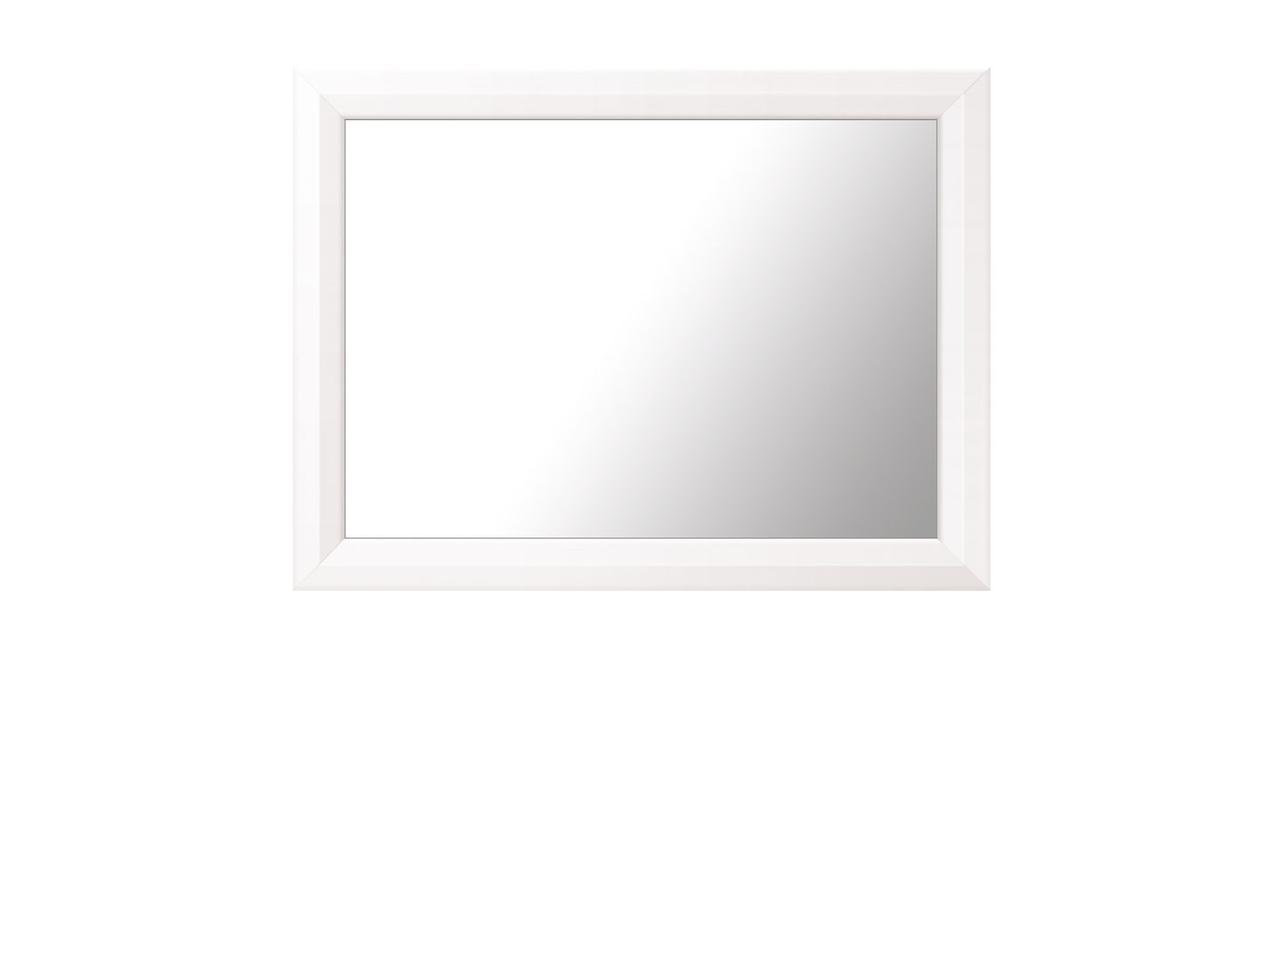 Зеркало в раме, коллекции Мальта, Лиственница сибирская, БРВ Брест (Беларусь)